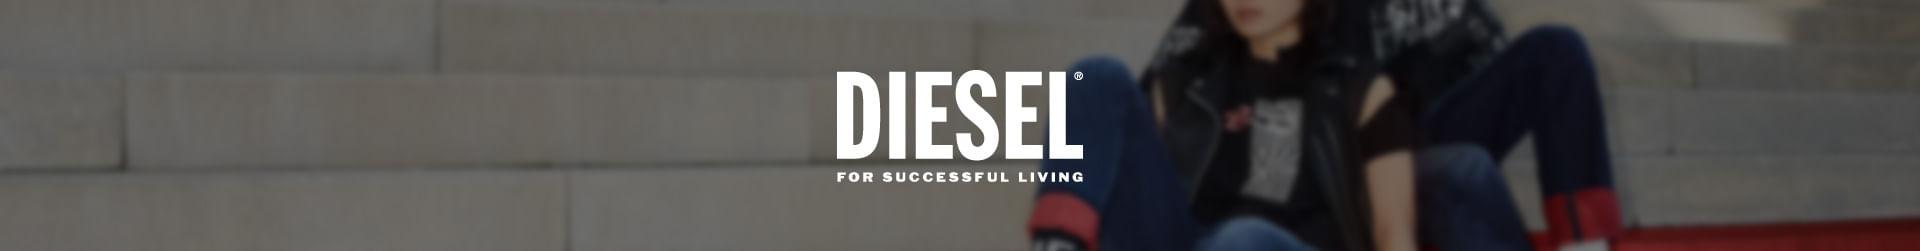 Encuentra todos los productos de la marca Diesel